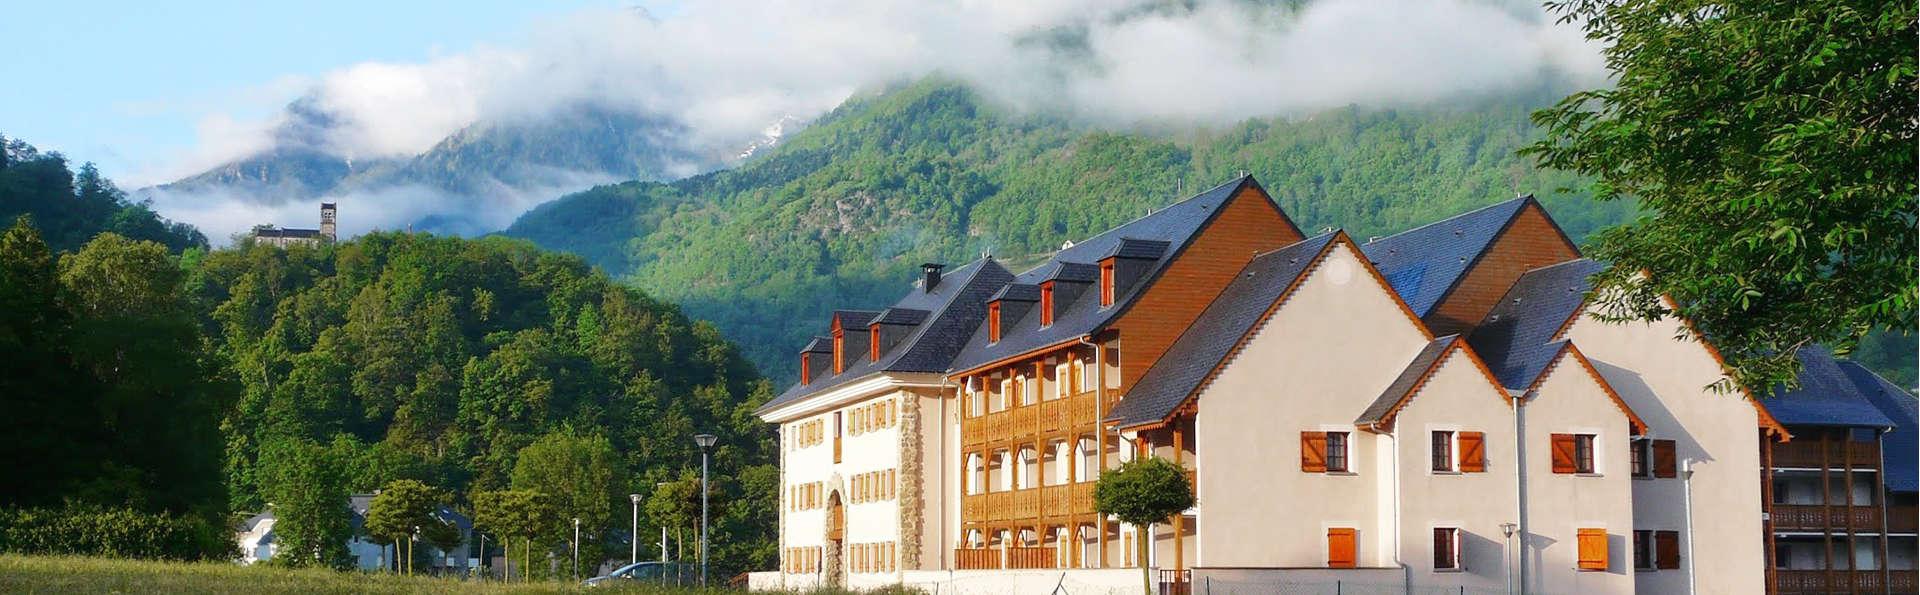 Escapade dans un cadre de verdure dans les Pyrénées (à partir de 2 nuits minimum)